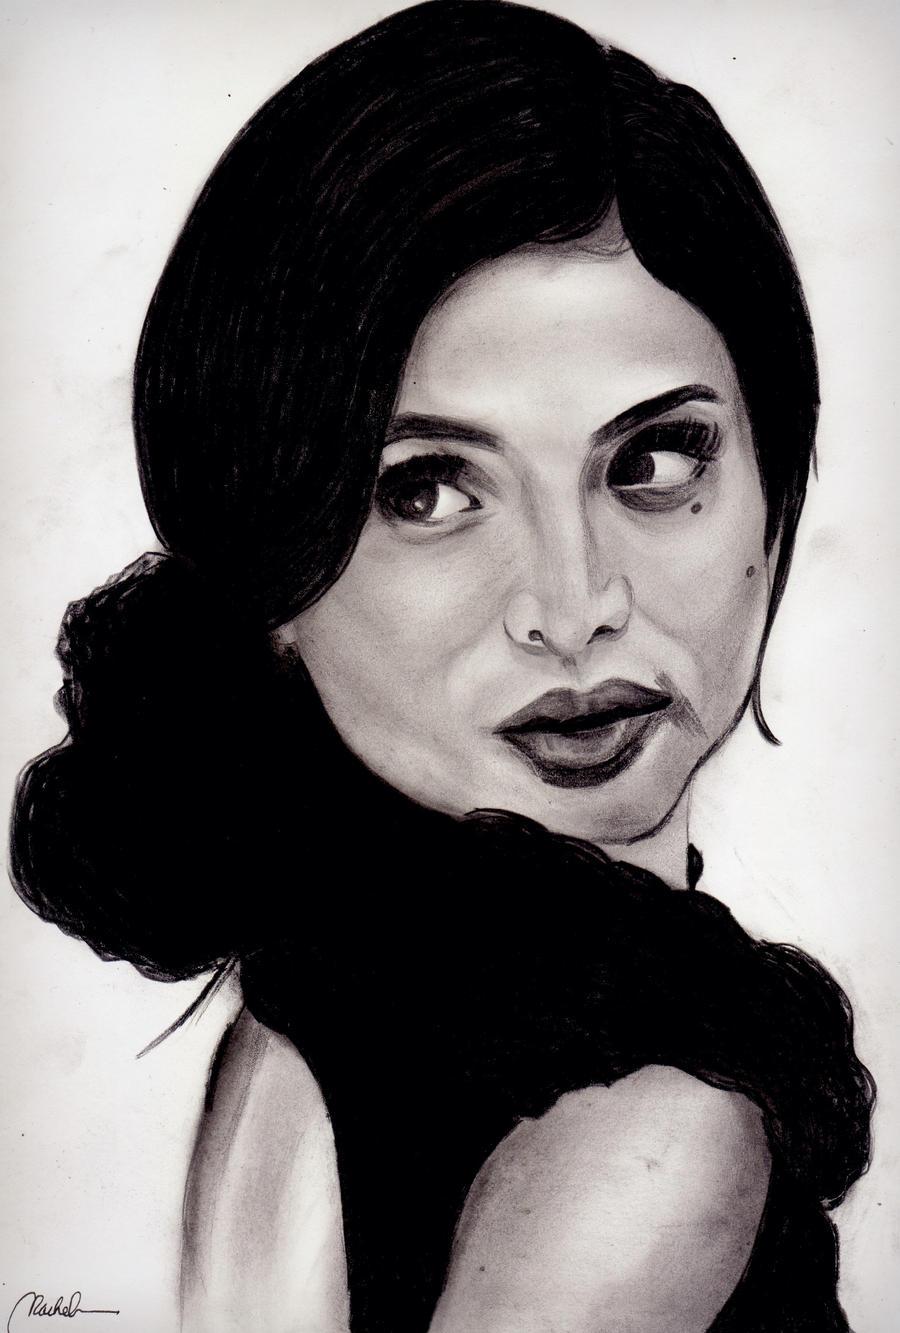 anne curtis portrait by rachdeart - anne_curtis_portrait_by_rachdeart-d50a650